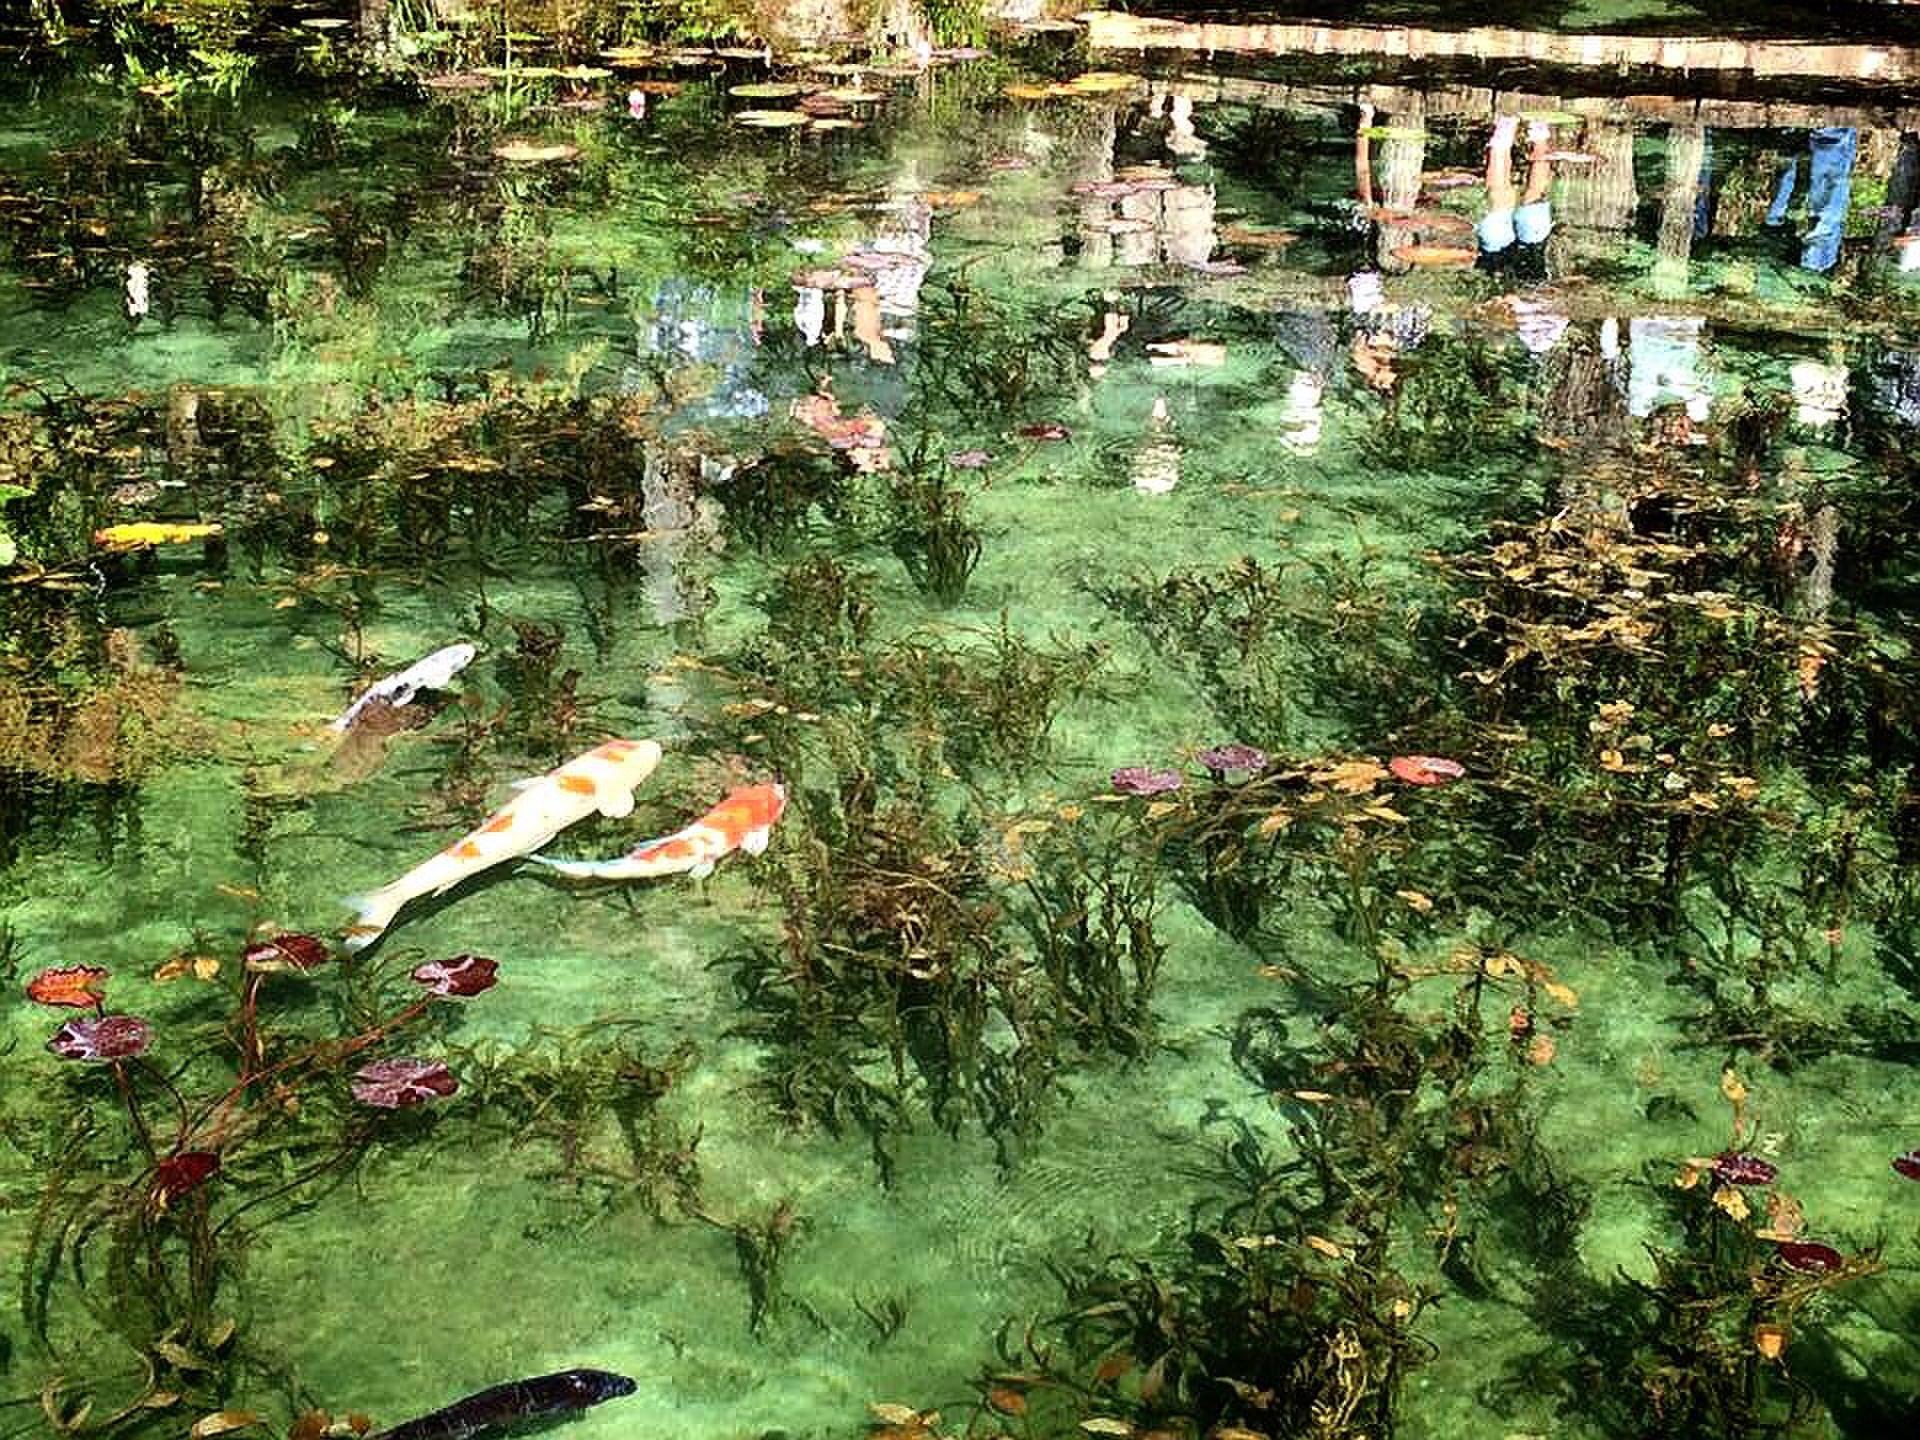 岐阜県・モネの池のアクセスや見頃は?周辺観光スポット情報も!